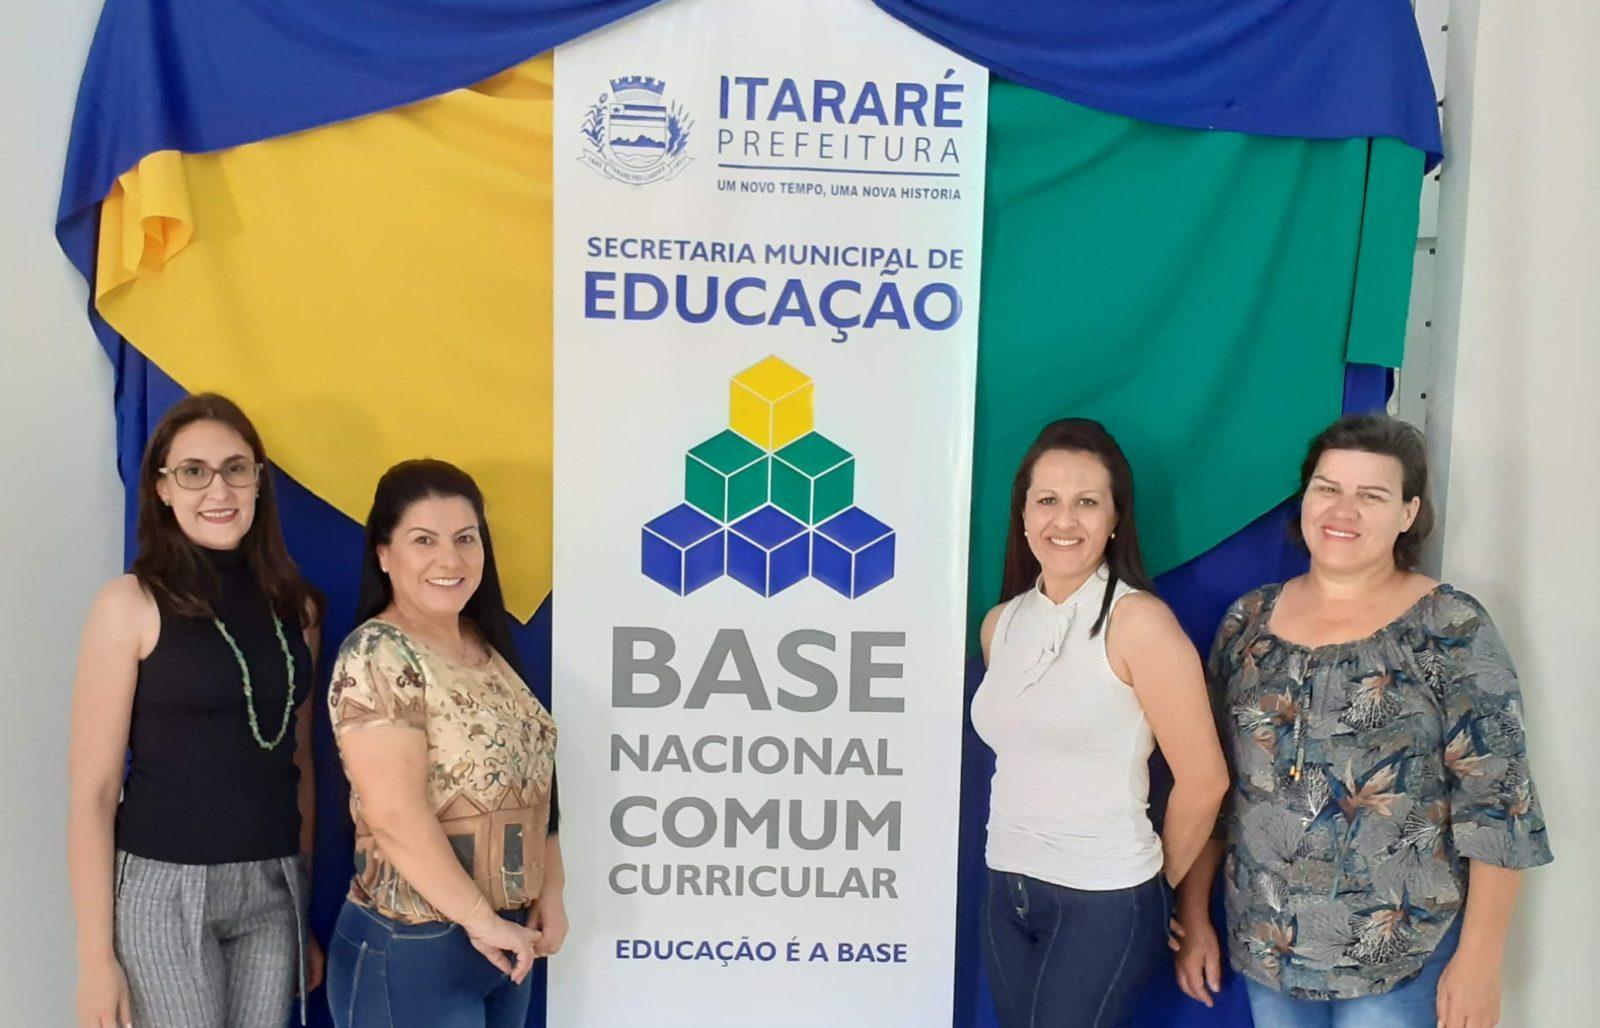 Educação de Itararé (SP) realiza mais um encontro do curso BNCC 'Educação é a base'